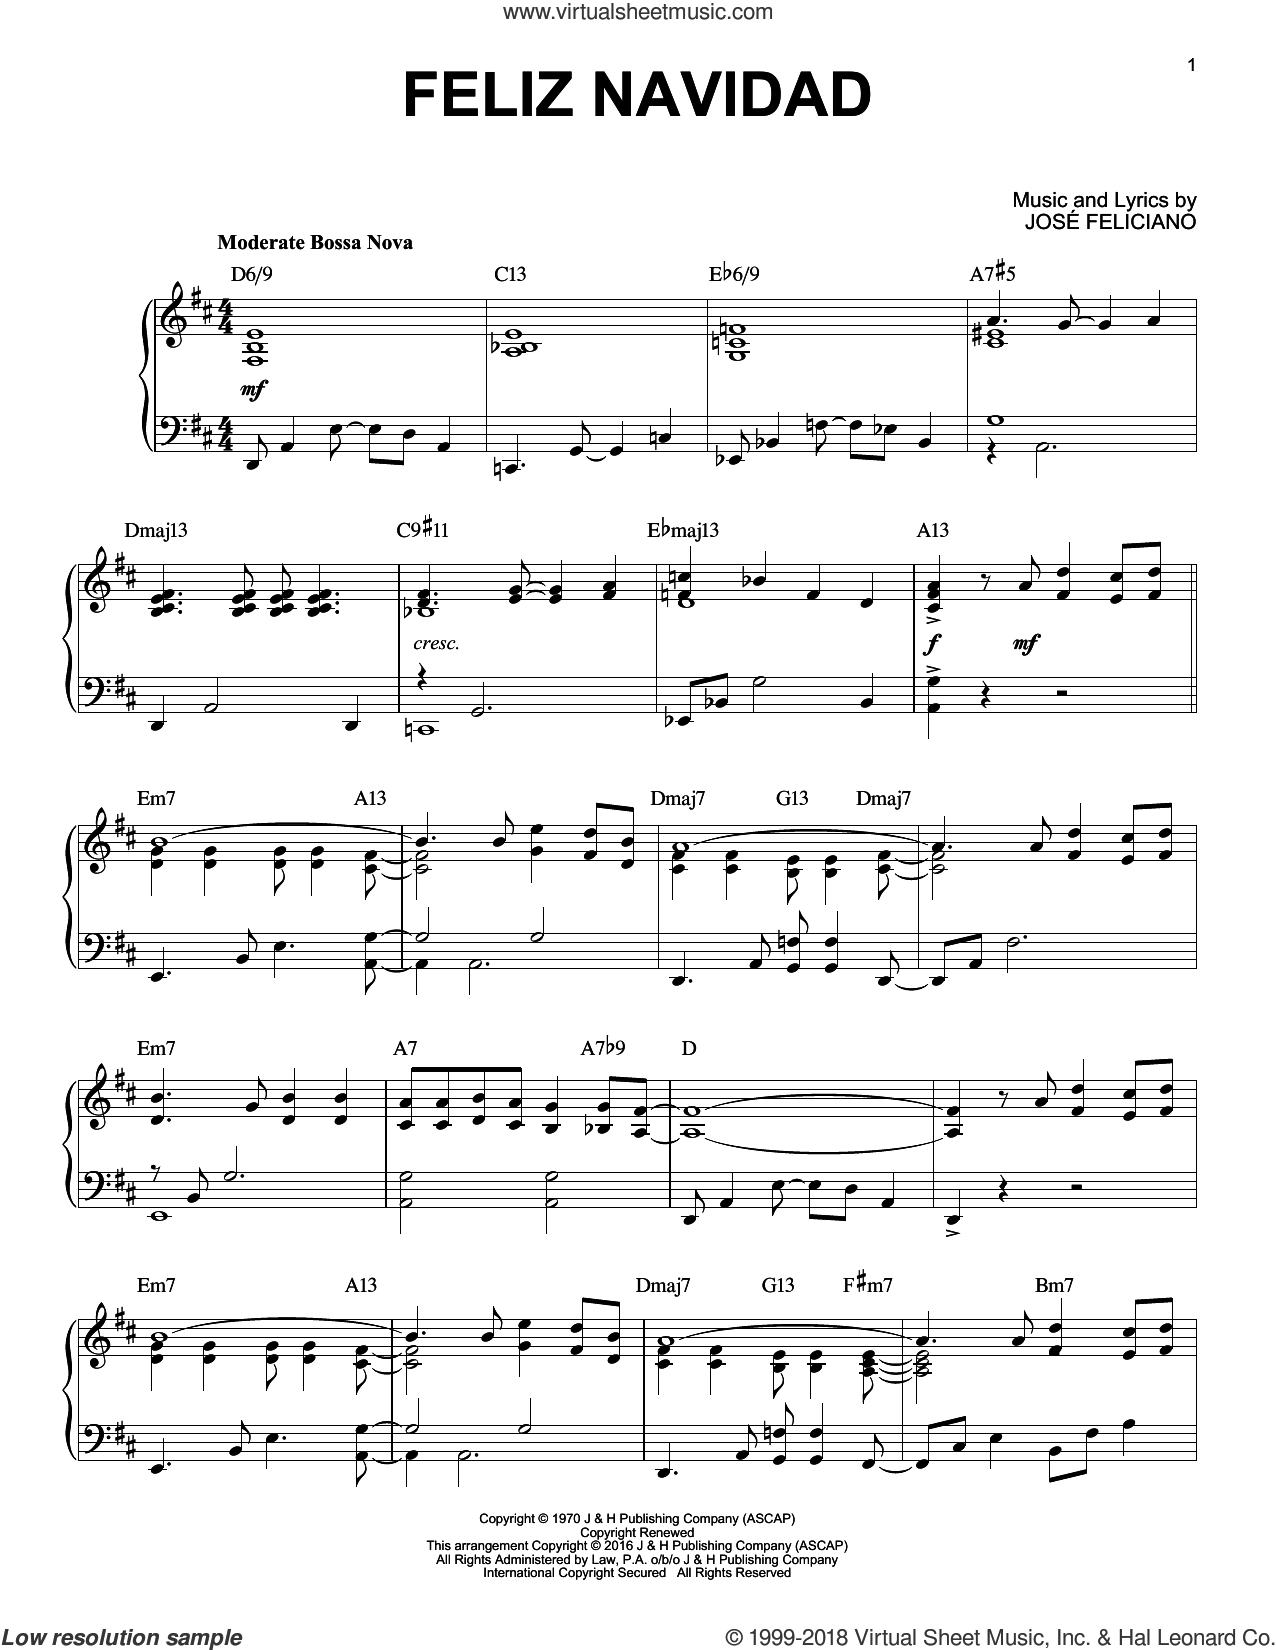 Feliciano - Feliz Navidad Jazz version (arr. Brent ...